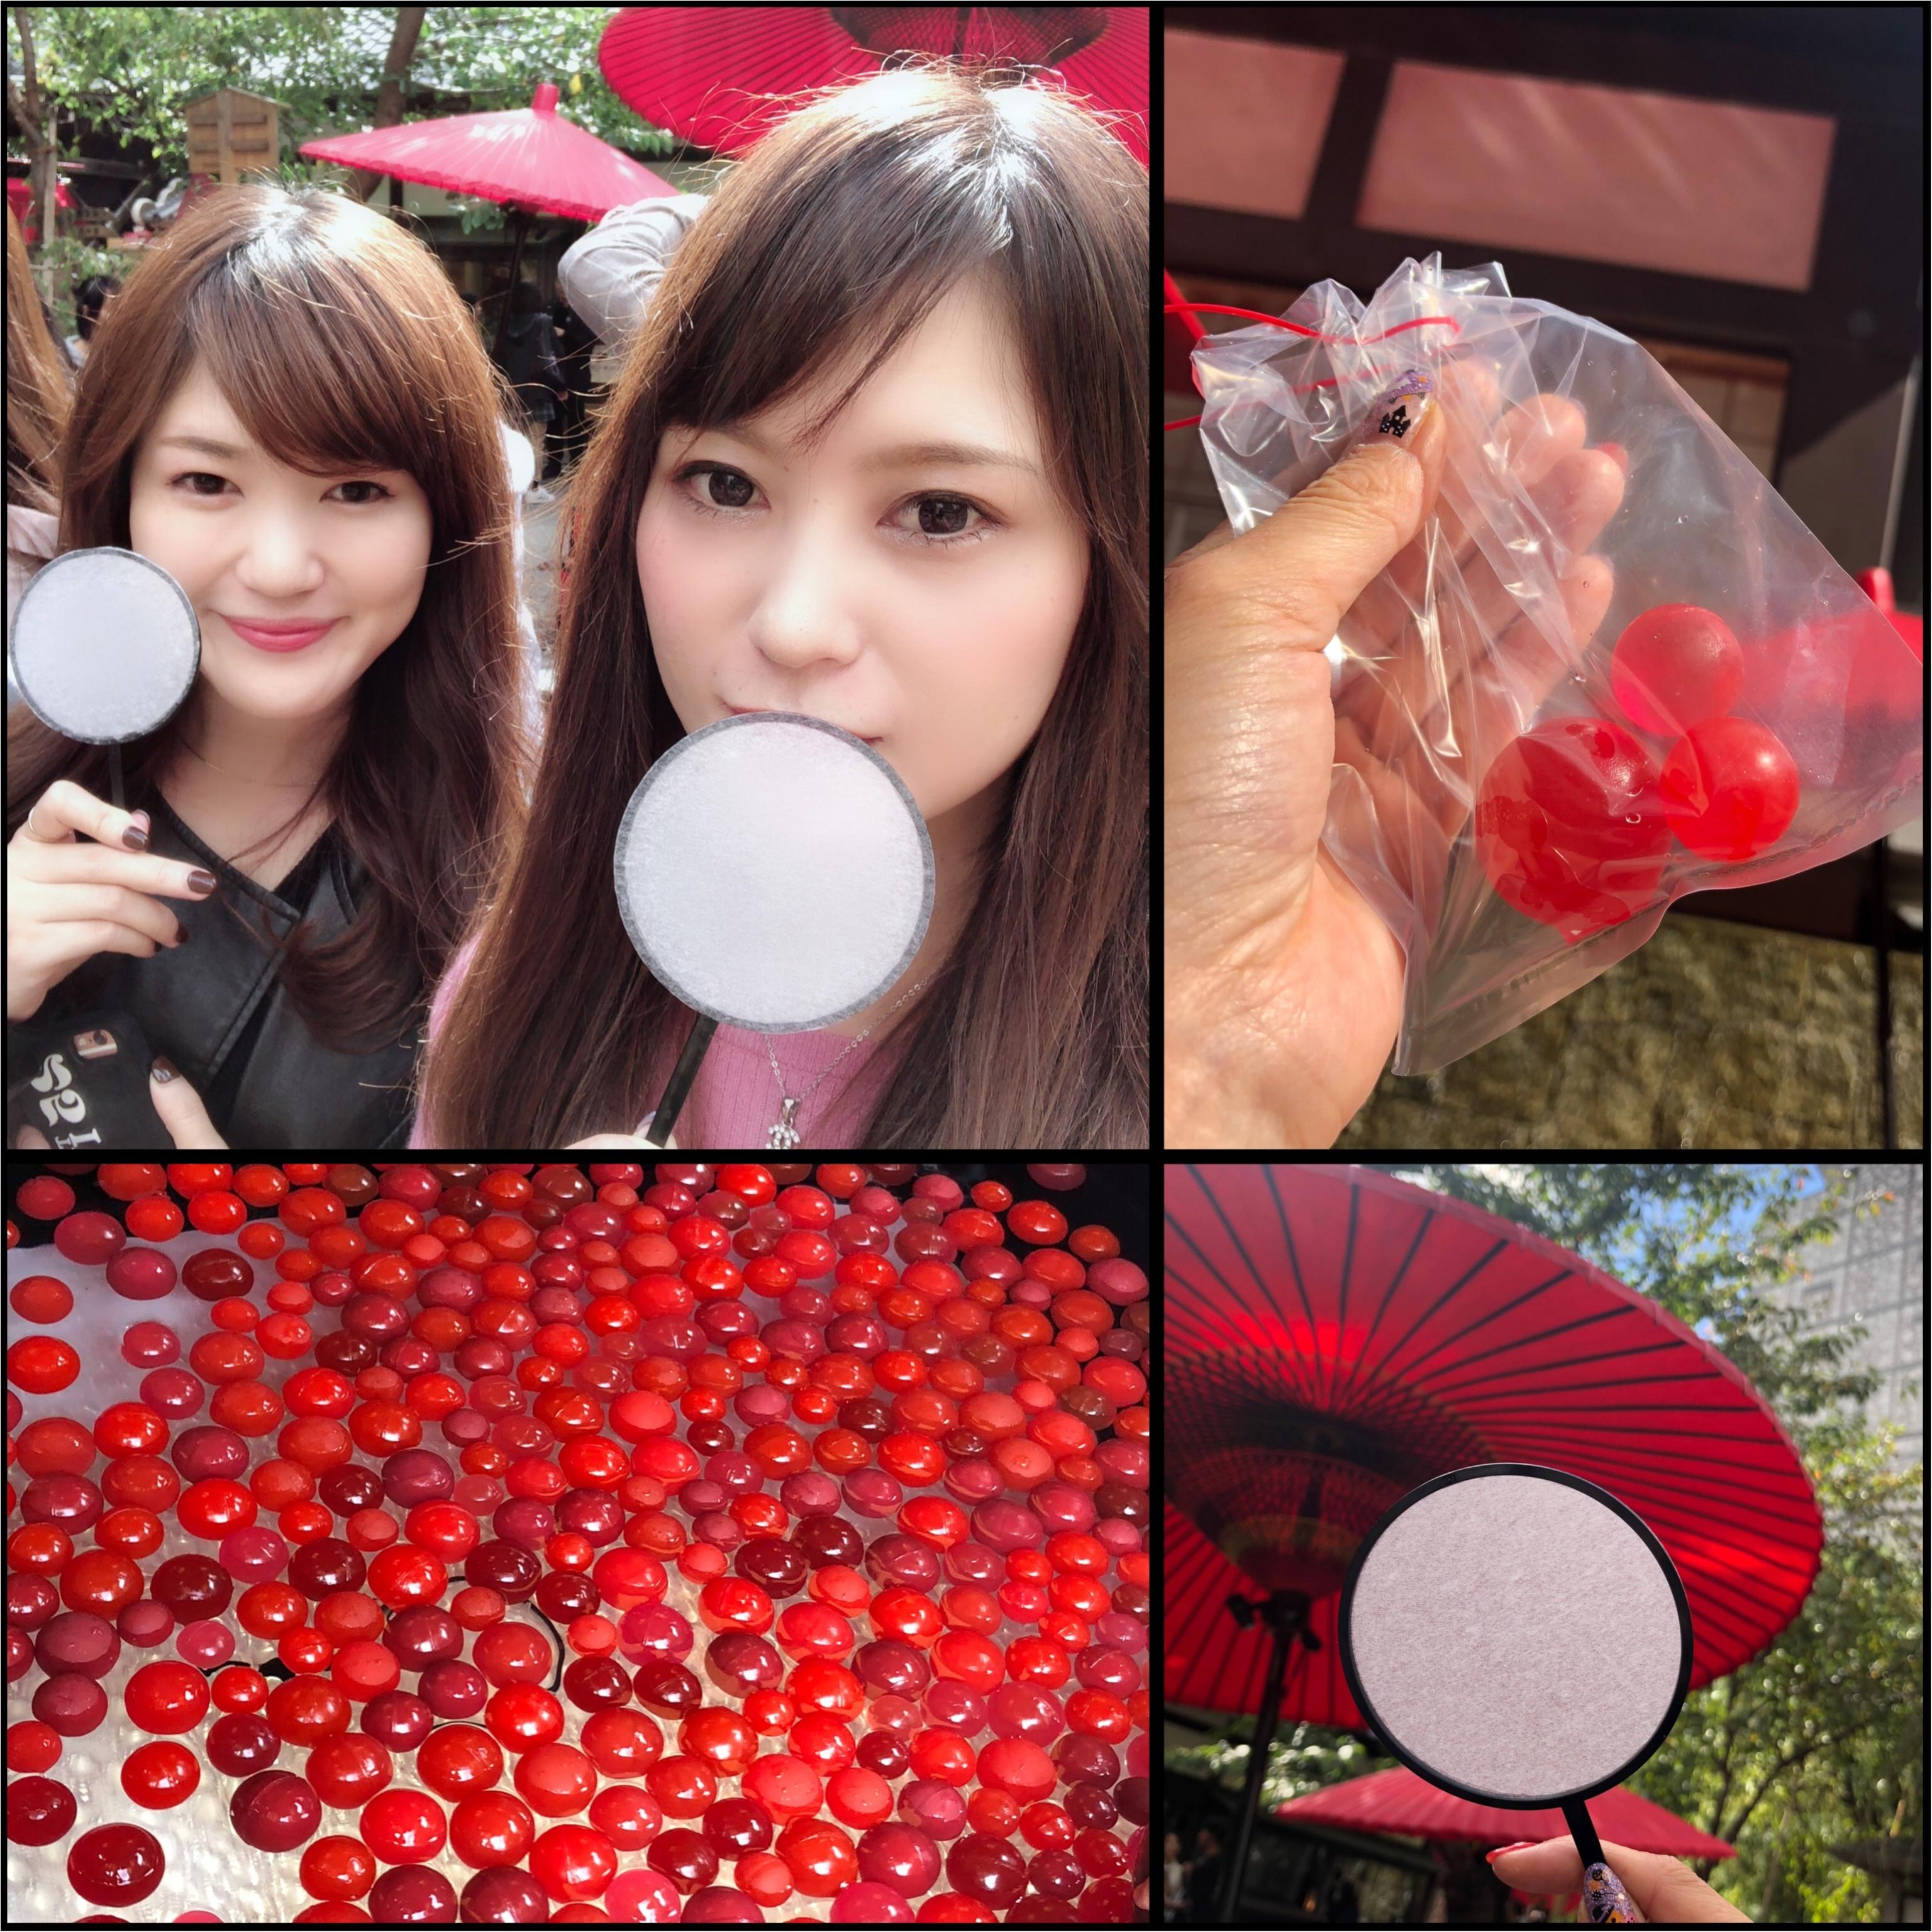 CHANELワールドに感動♡フォトスポットも沢山!CHANEL MATSURIの京都会場へ行ってきました(*˘︶˘*).。.:*♡ _2